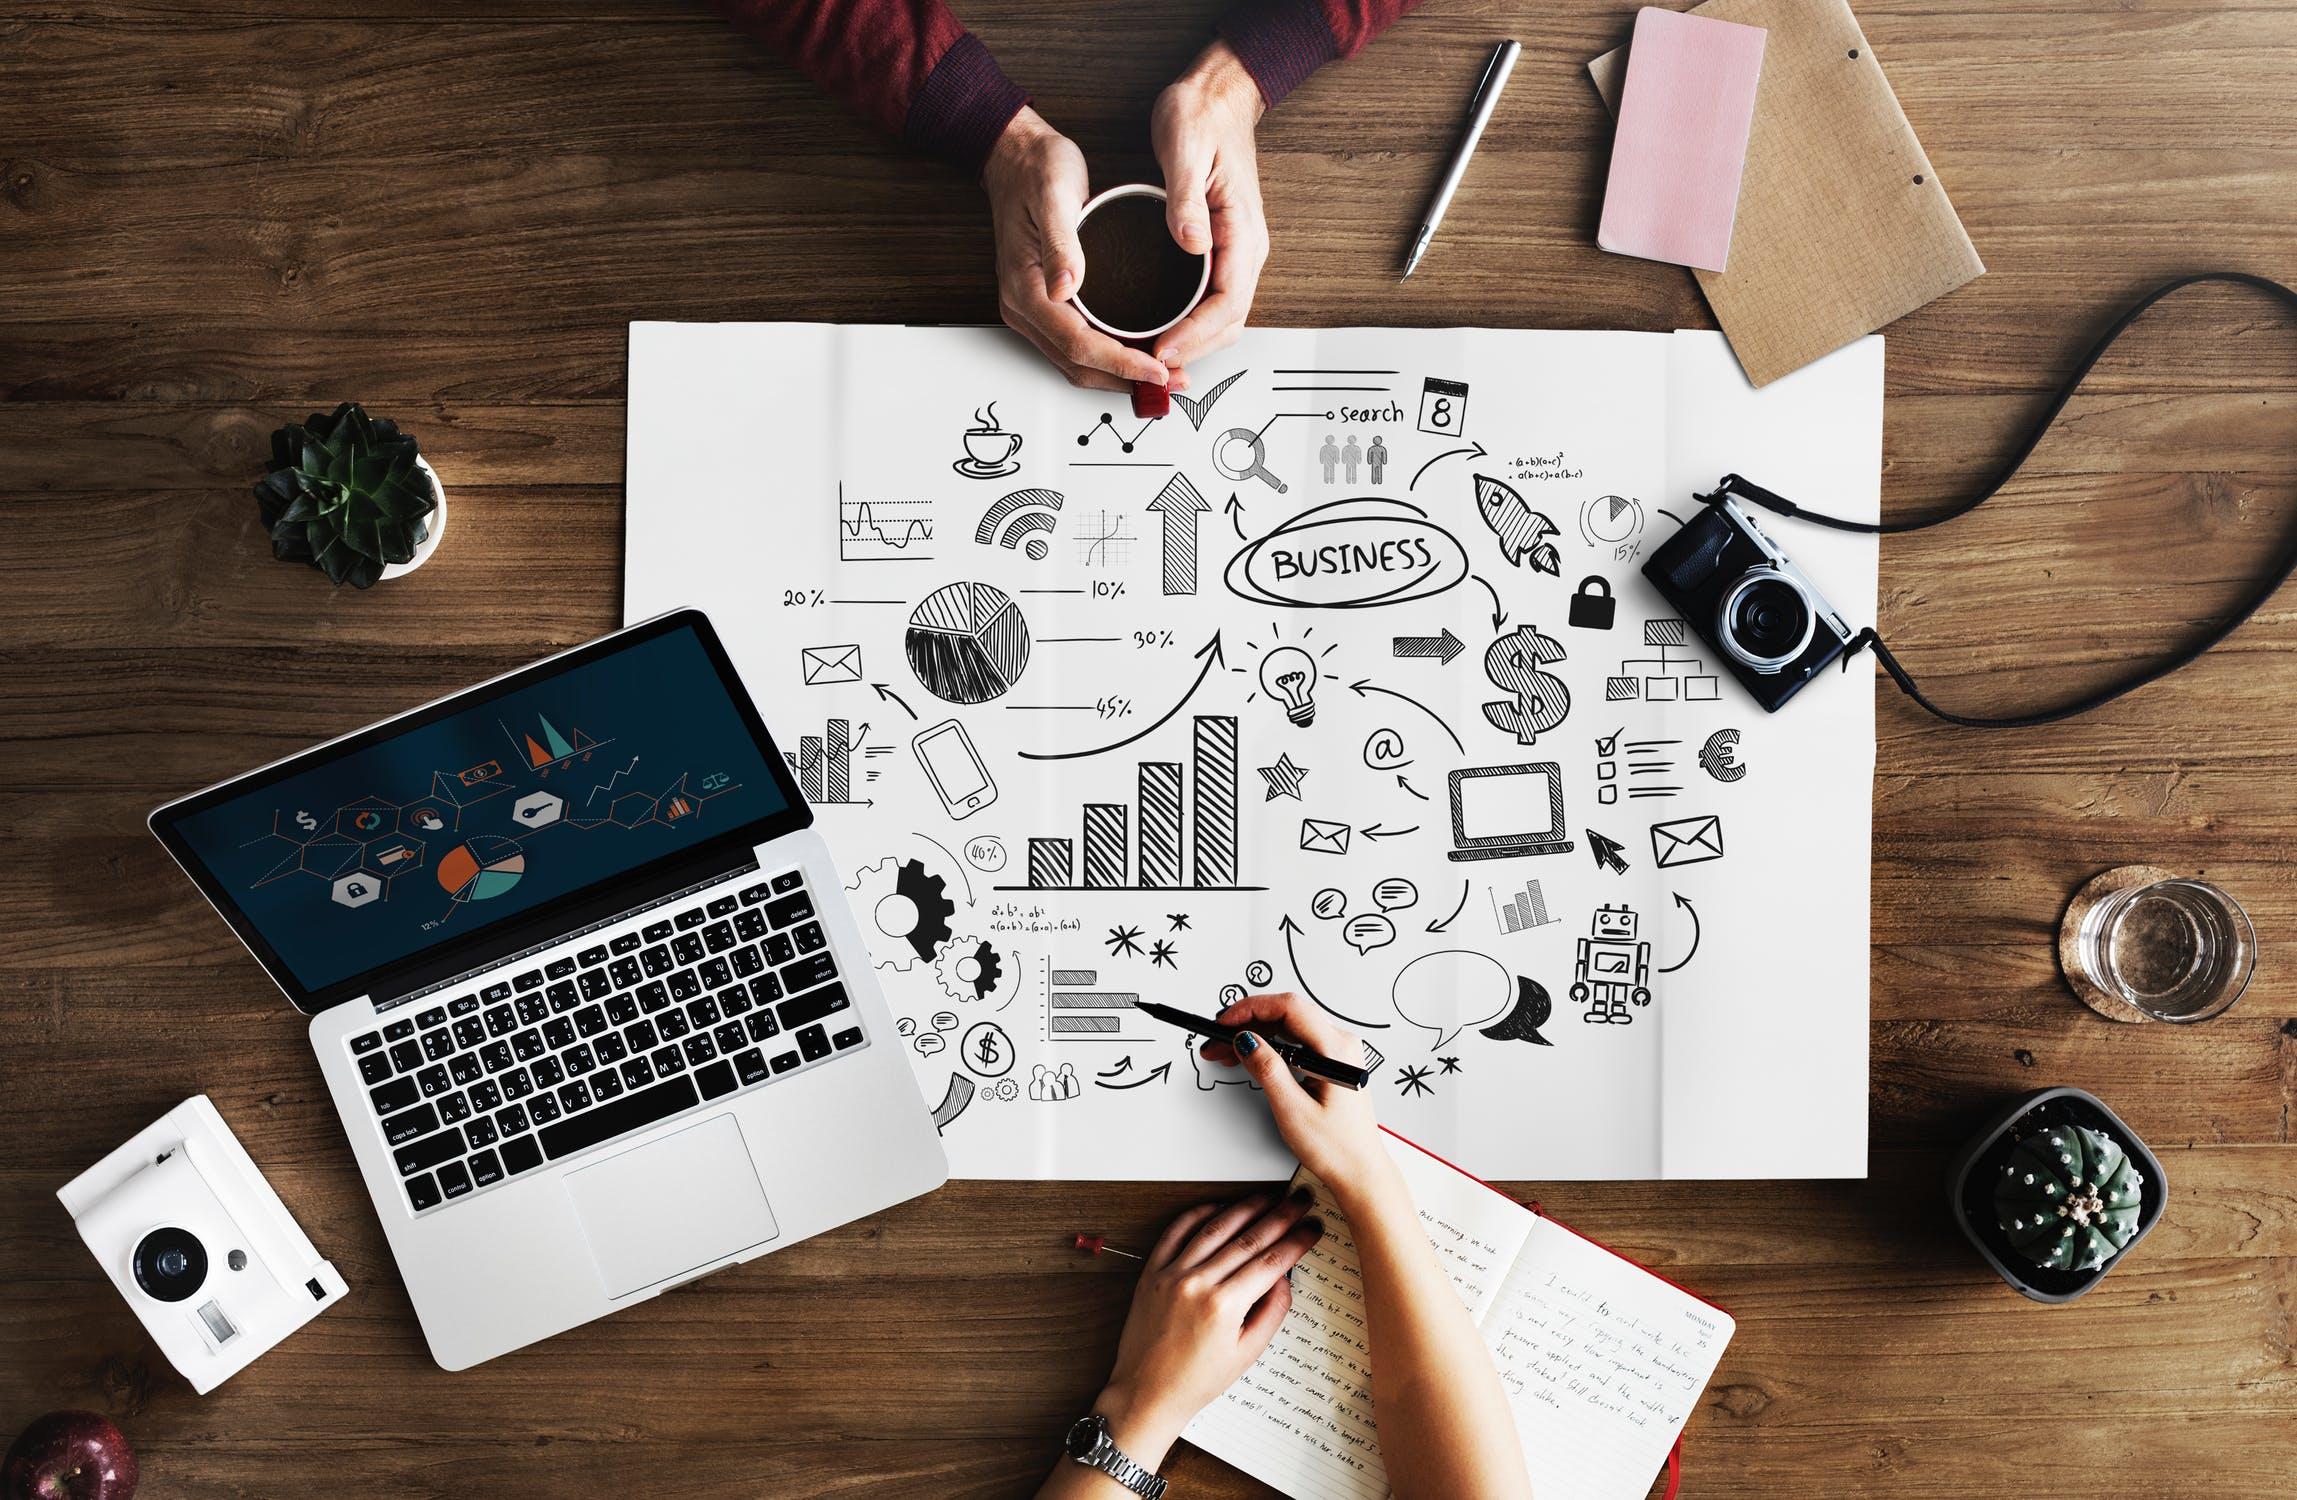 11 bước xây dựng và quản lý quy trình làm việc bứt phá 65% tăng trưởng cho doanh nghiệp